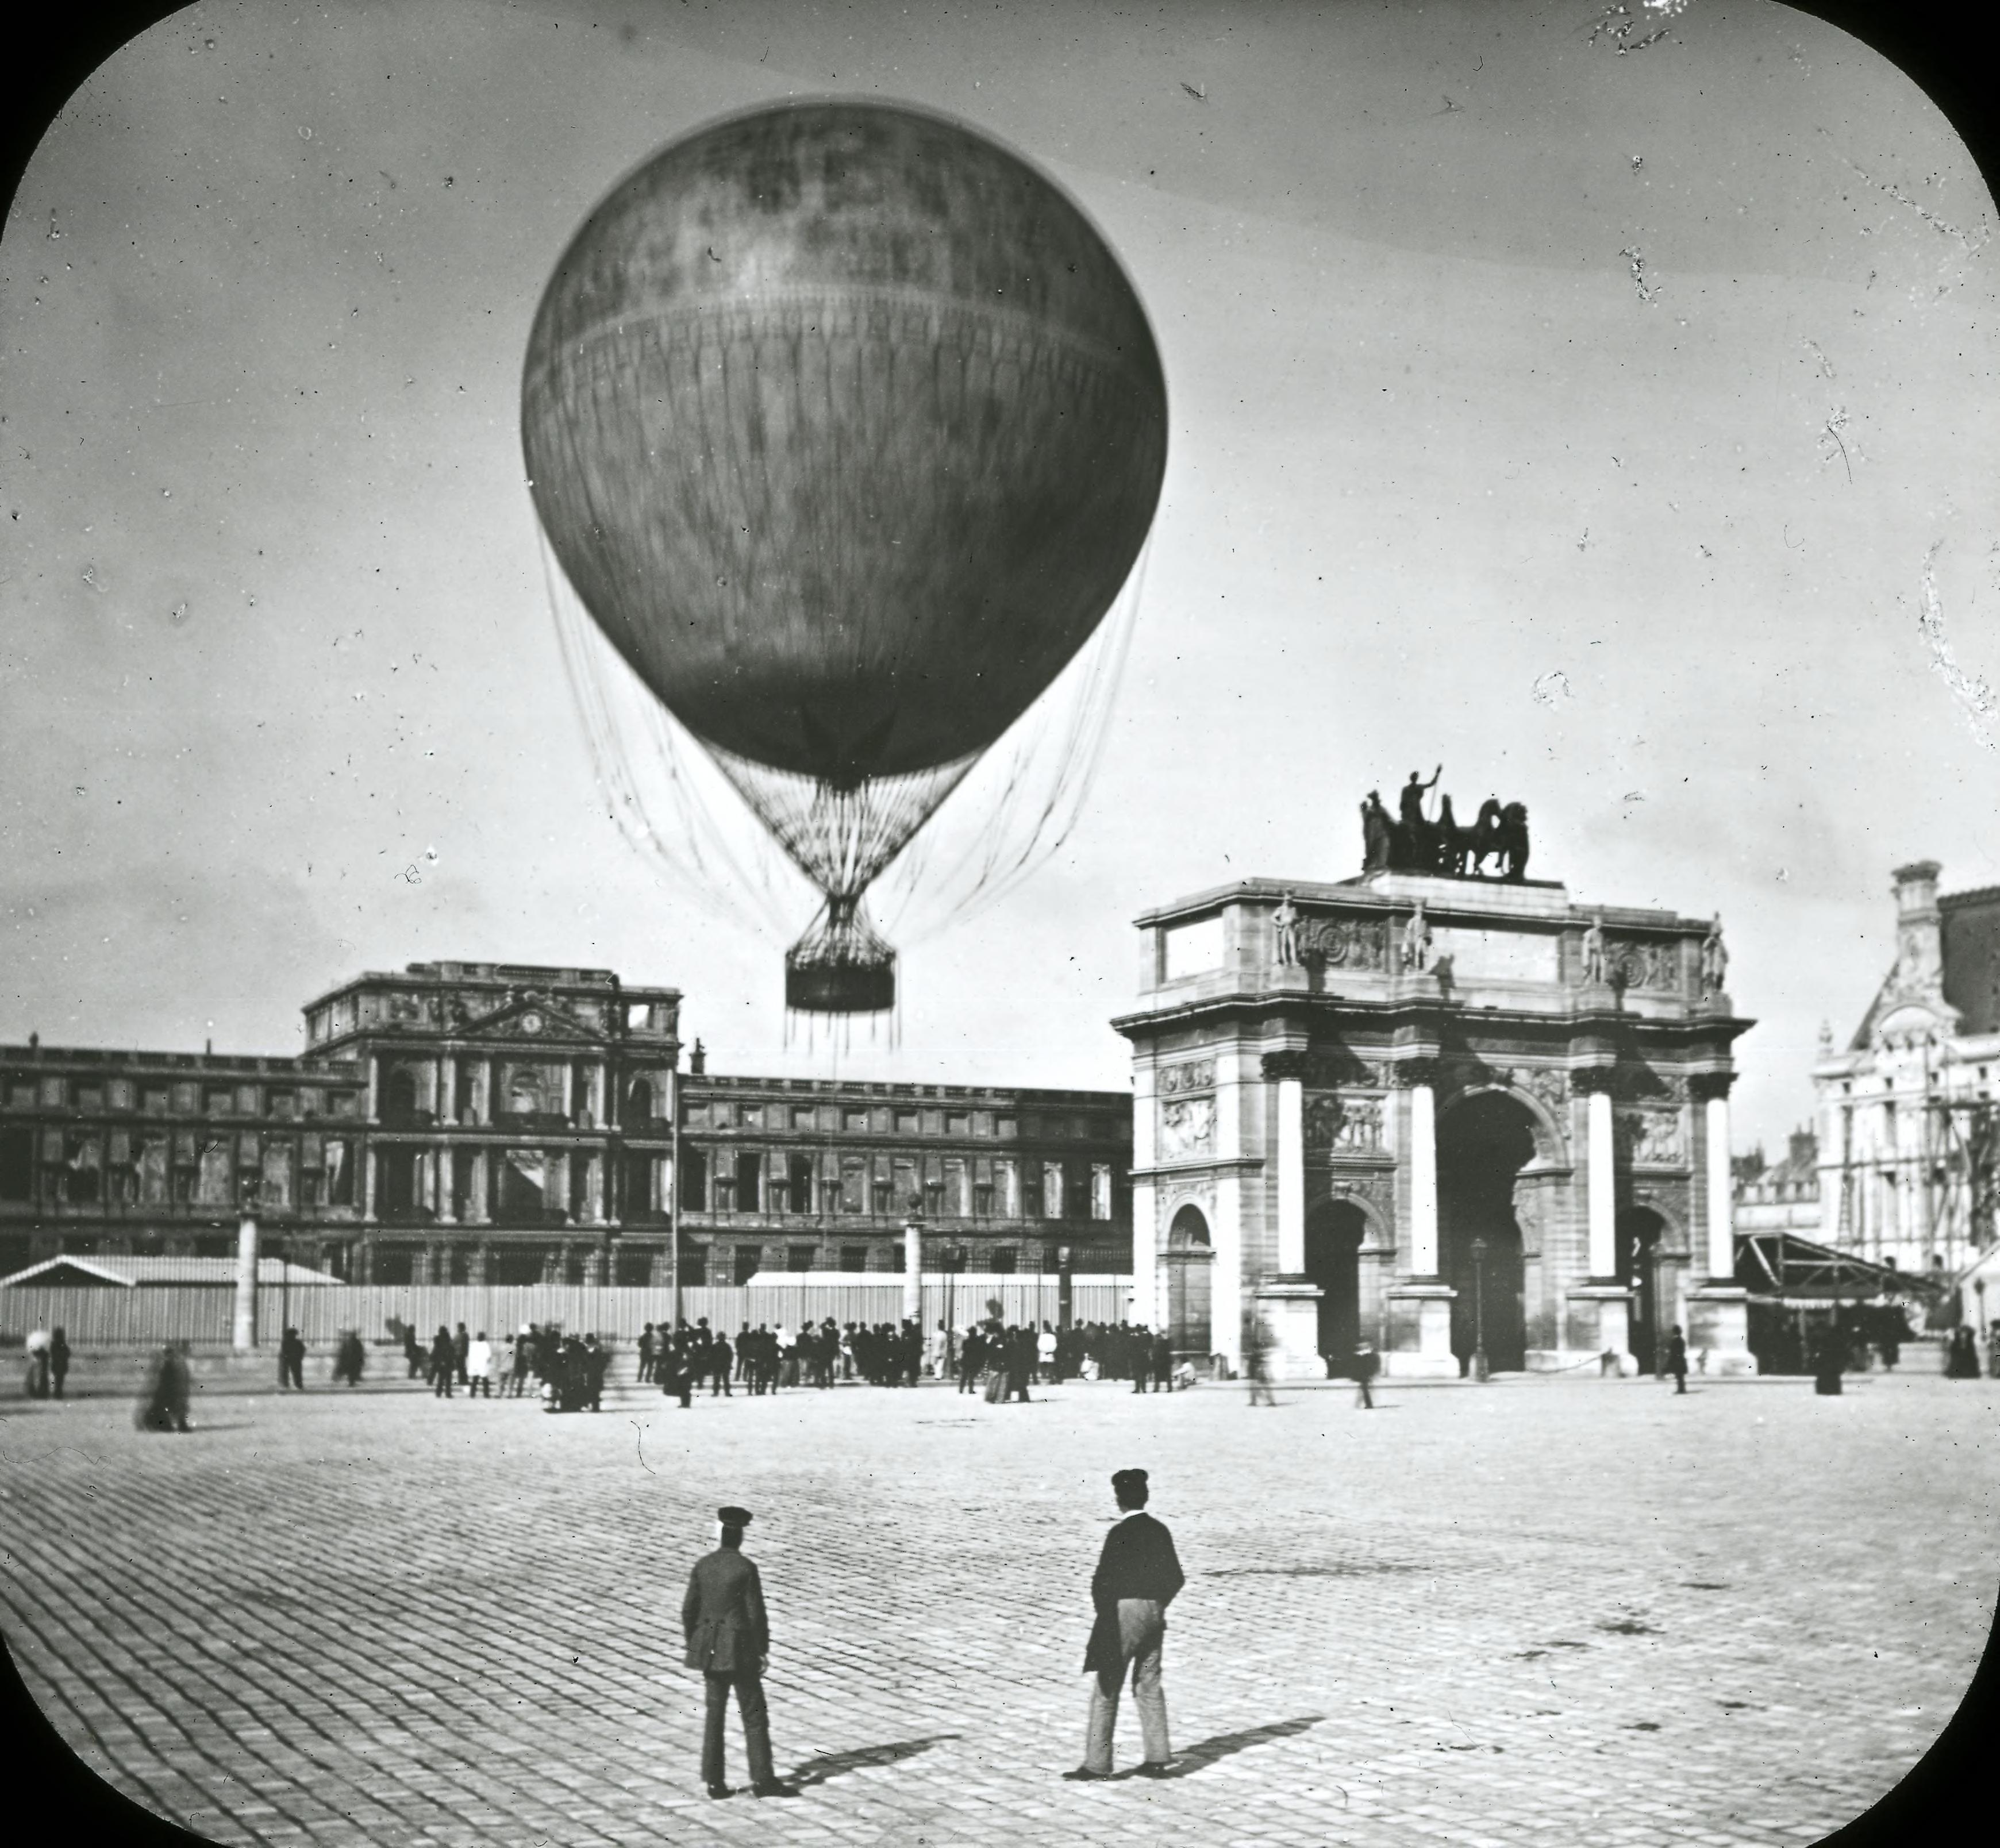 Площадь Карузель. Общий вид с Триумфальной аркой